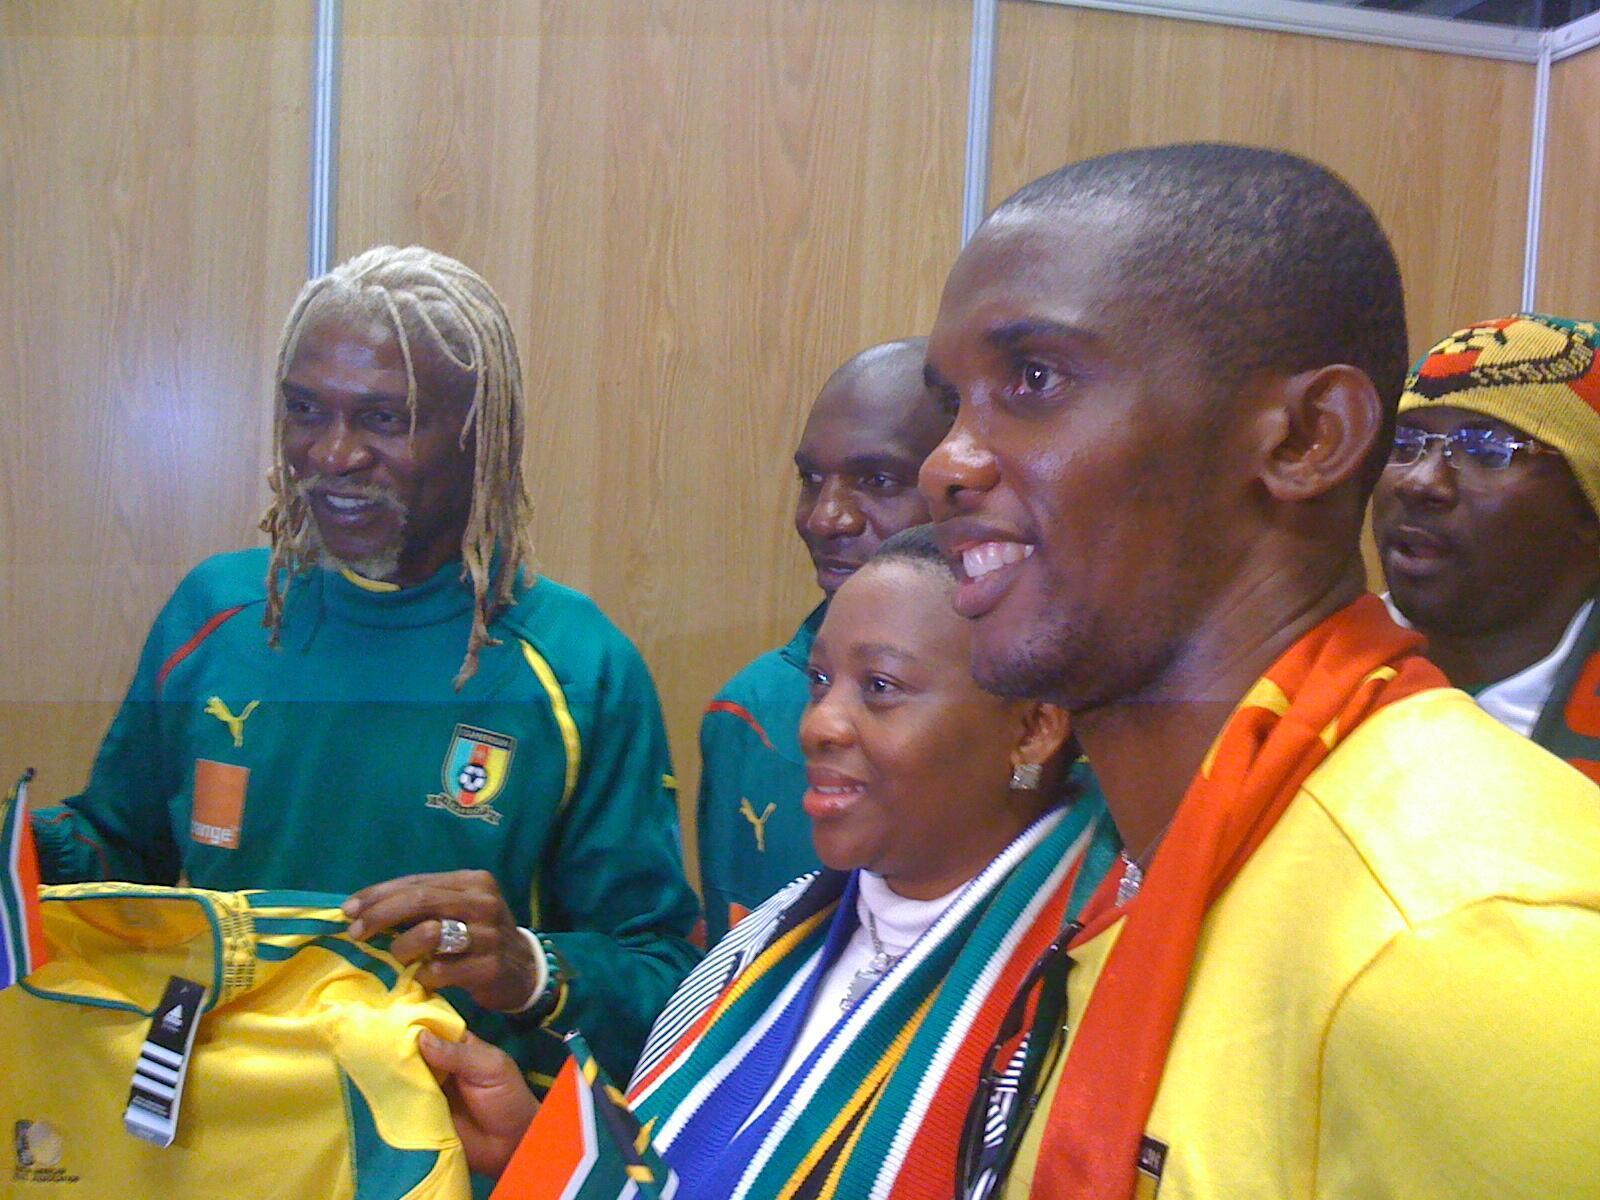 Các cầu thủ Camerun được đón tiếp nồng nhiệt tại Durban (RFI/C.Carmarans)